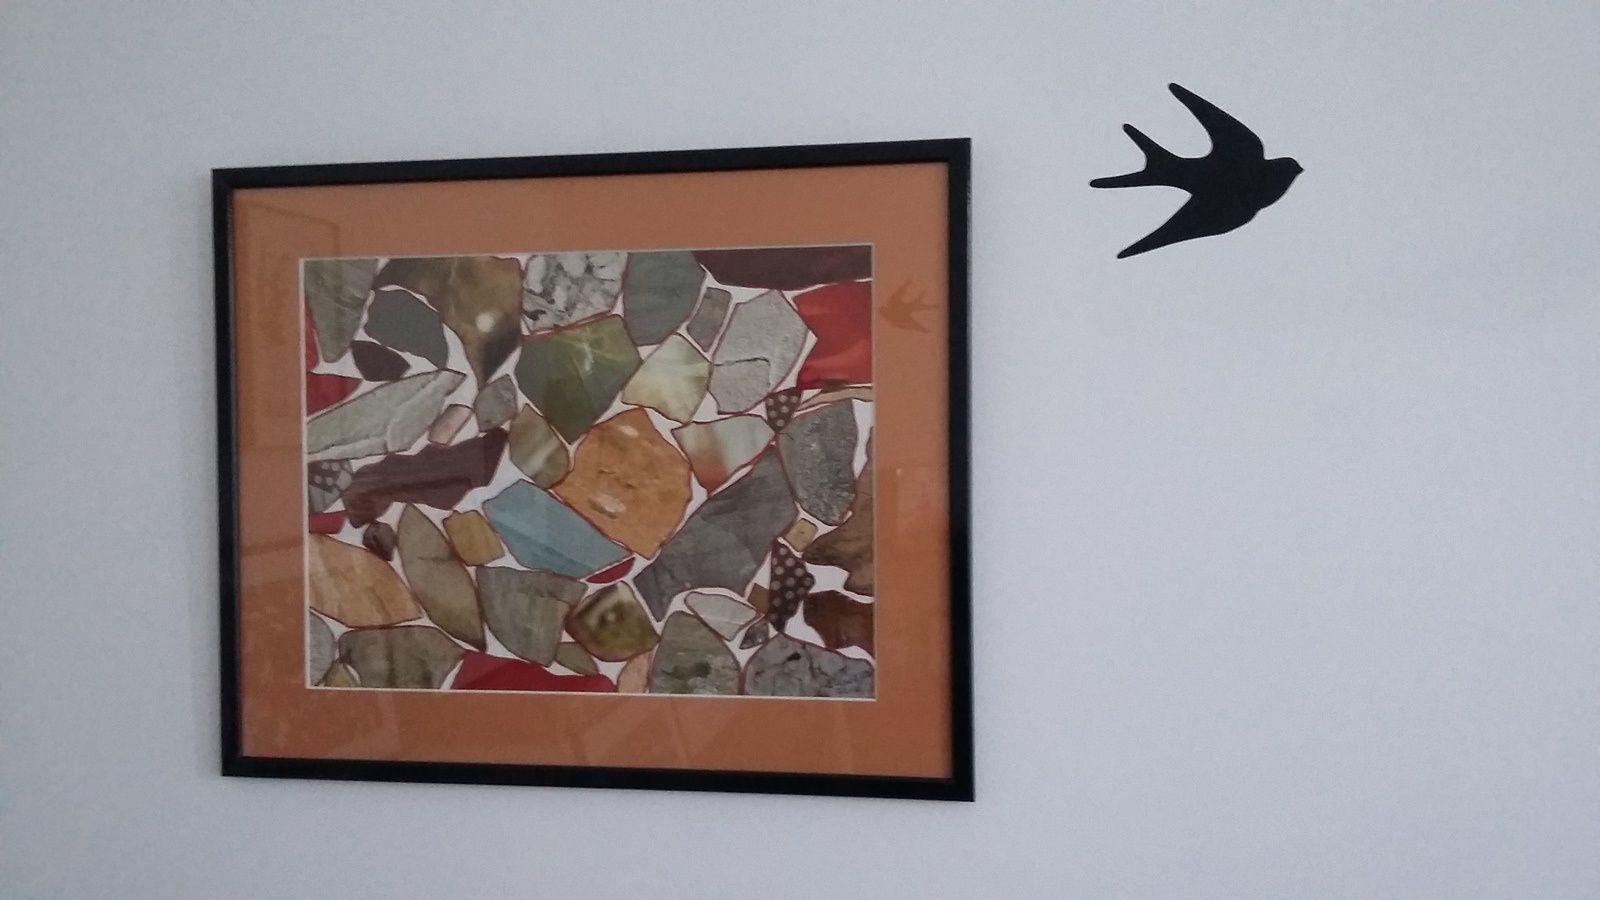 """Les Collages d'eMmA MessanA, collage """"Fait d'été"""" encadré, pièce unique © eMmA MessanA"""